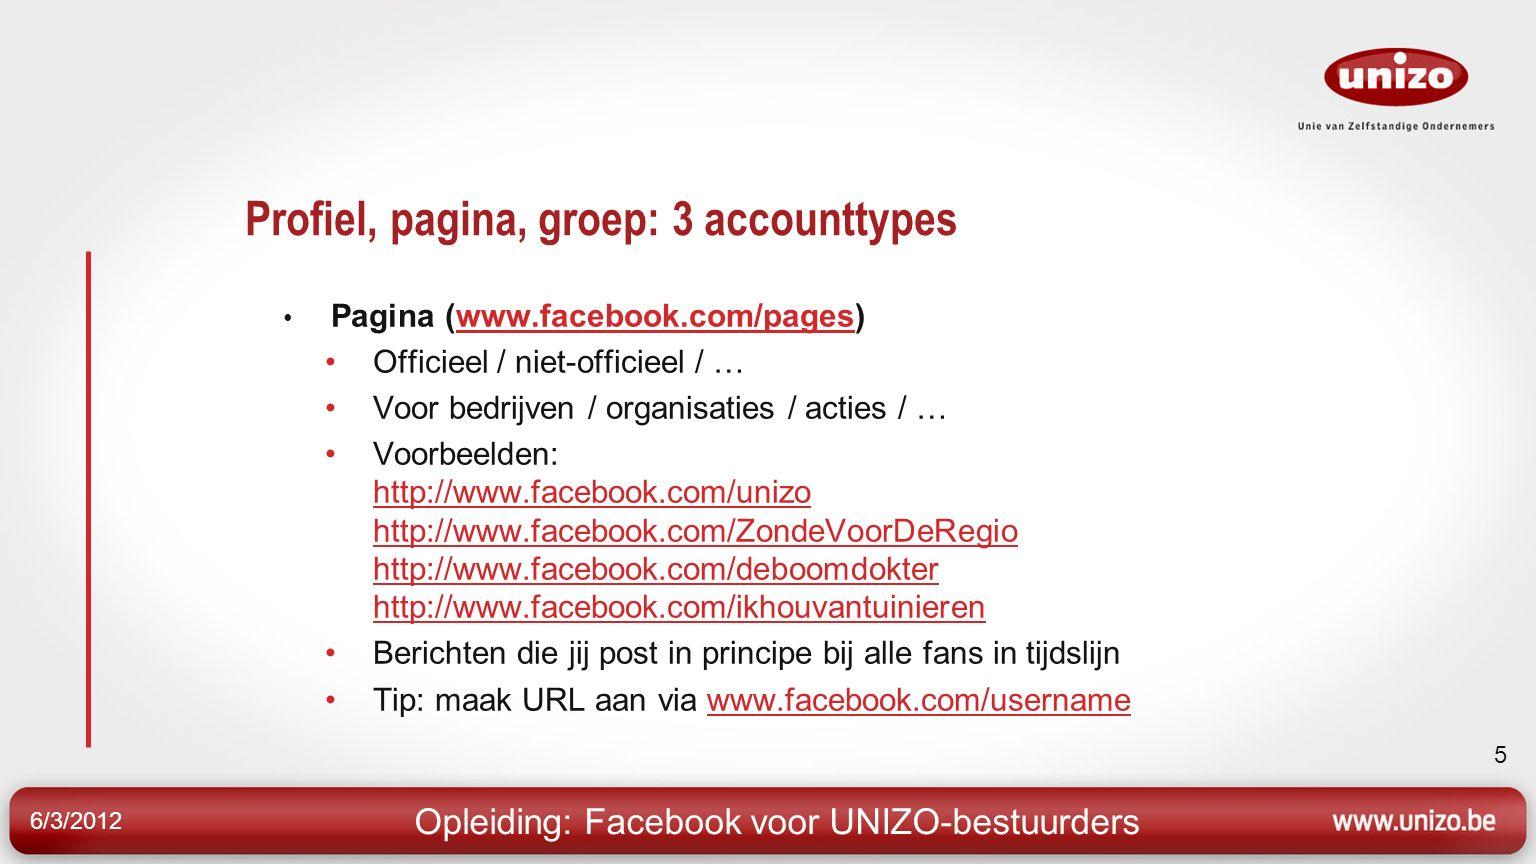 6/3/2012 6 Profiel, pagina, groep: 3 accounttypes Groep (www.facebook.com/groups)www.facebook.com/groups Community Open / Besloten / Geheim Geen eenvoudige URL Berichten van iedereen komen bij alle anderen in tijdslijn Voorbeeld: http://www.facebook.com/groups/140963090327/http://www.facebook.com/groups/140963090327/ Opleiding: Facebook voor UNIZO-bestuurders